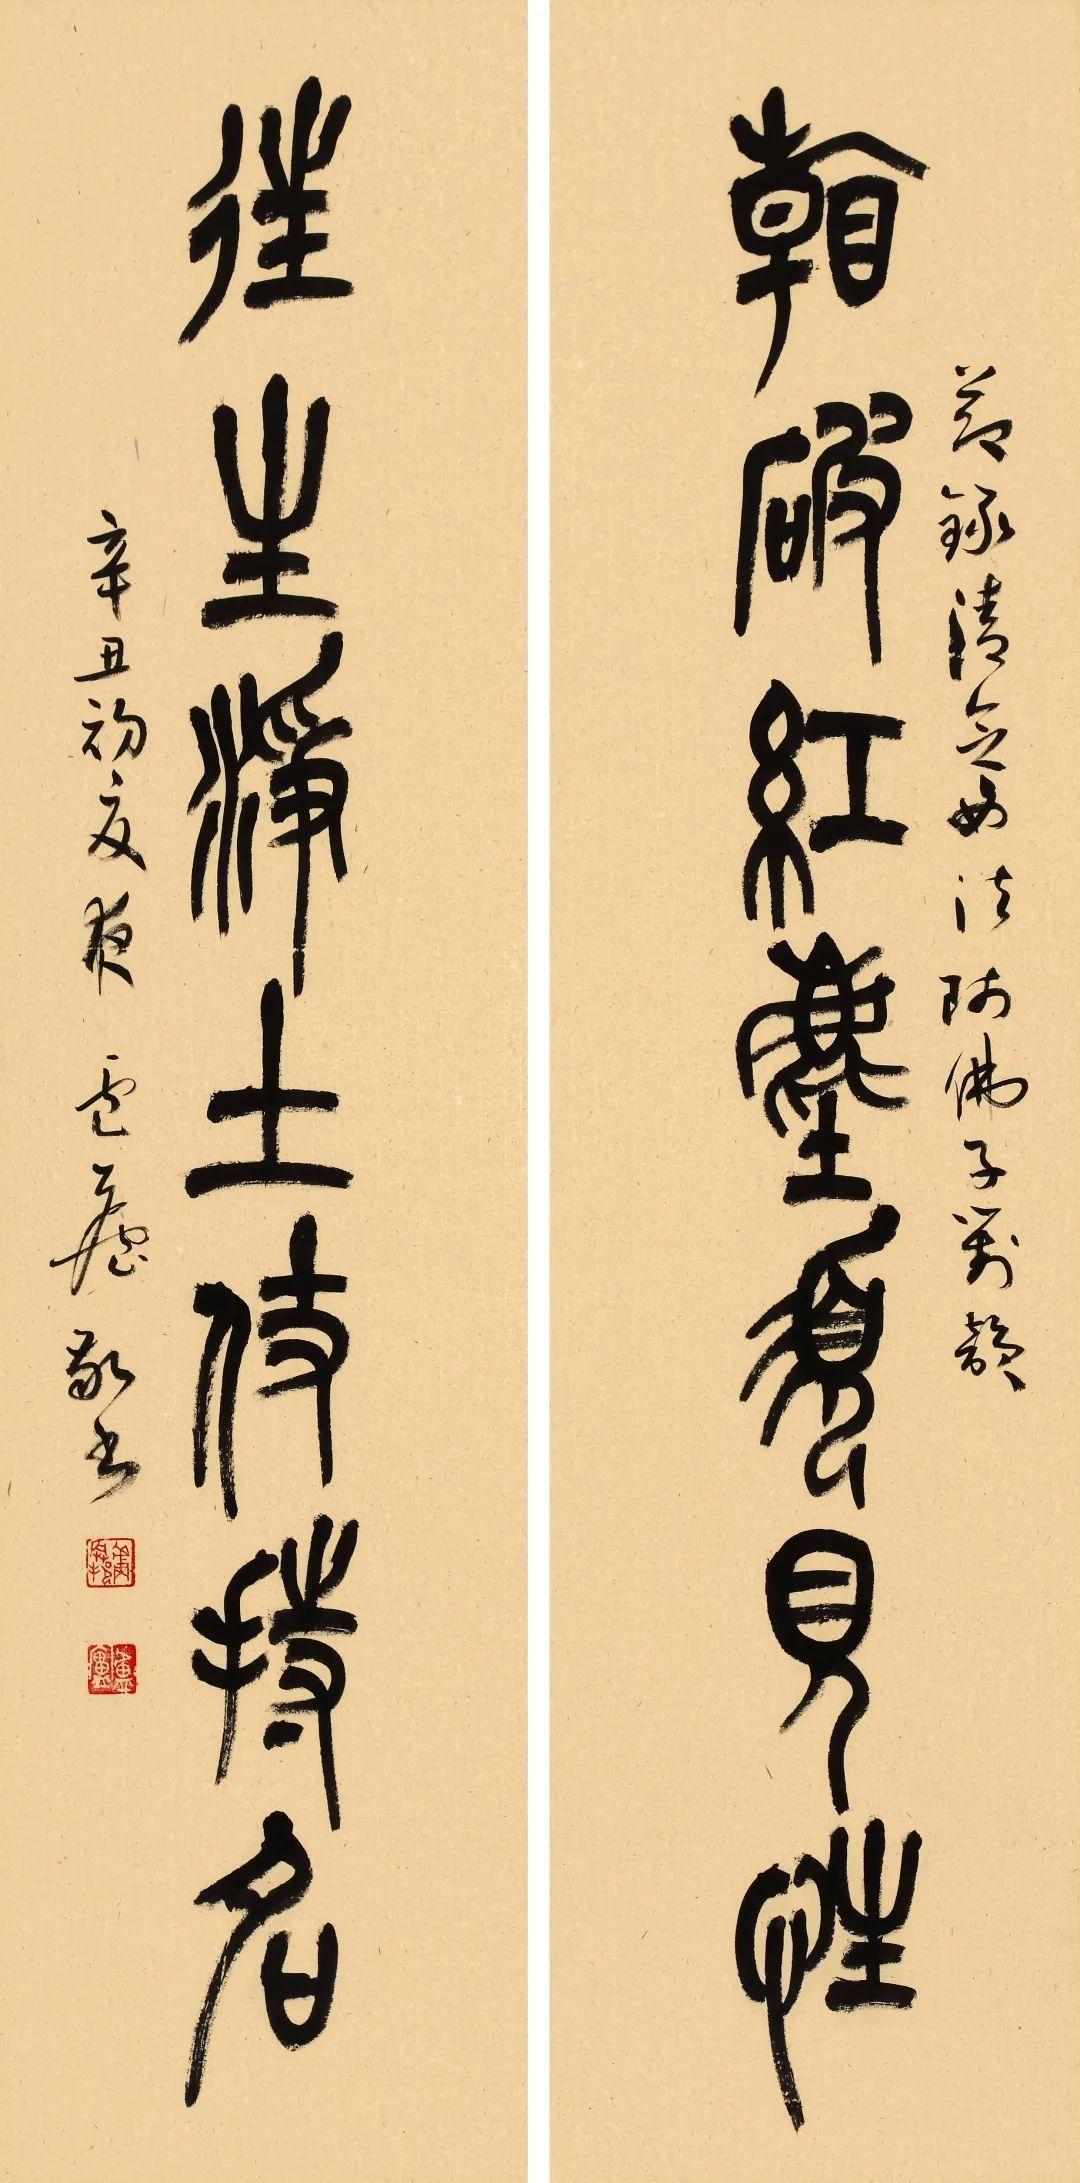 广东省书法家协会会员、广州市花都区书法家协会副主席卢振邦